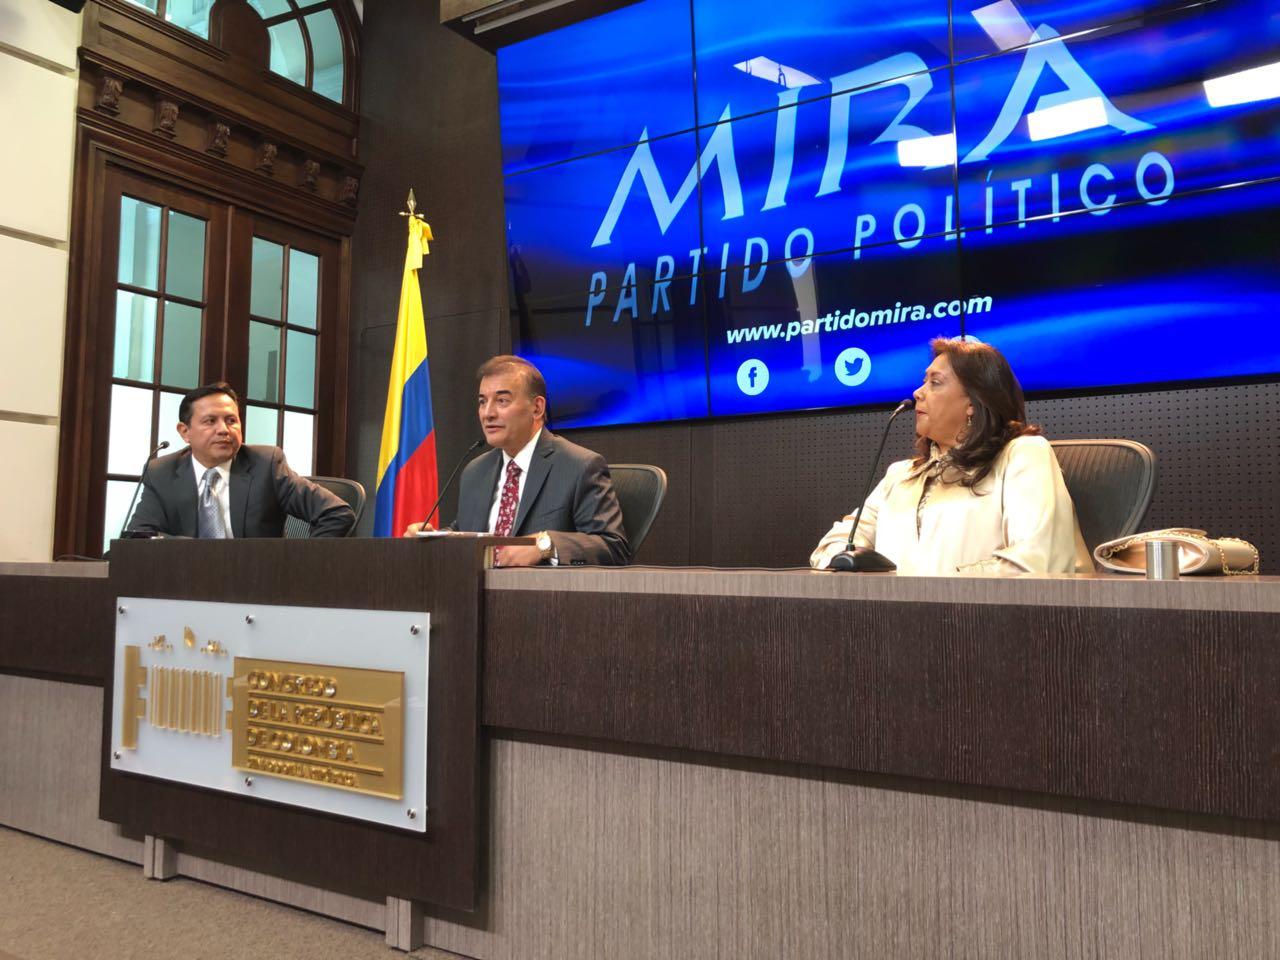 Como partido, Mira apoyo el proceso de paz y desde el Congreso apoyaremos los proyectos que desarrollen los acuerdos: @Baena posesión del @MovimientoMIRA https://t.co/tpYRHtEgFE